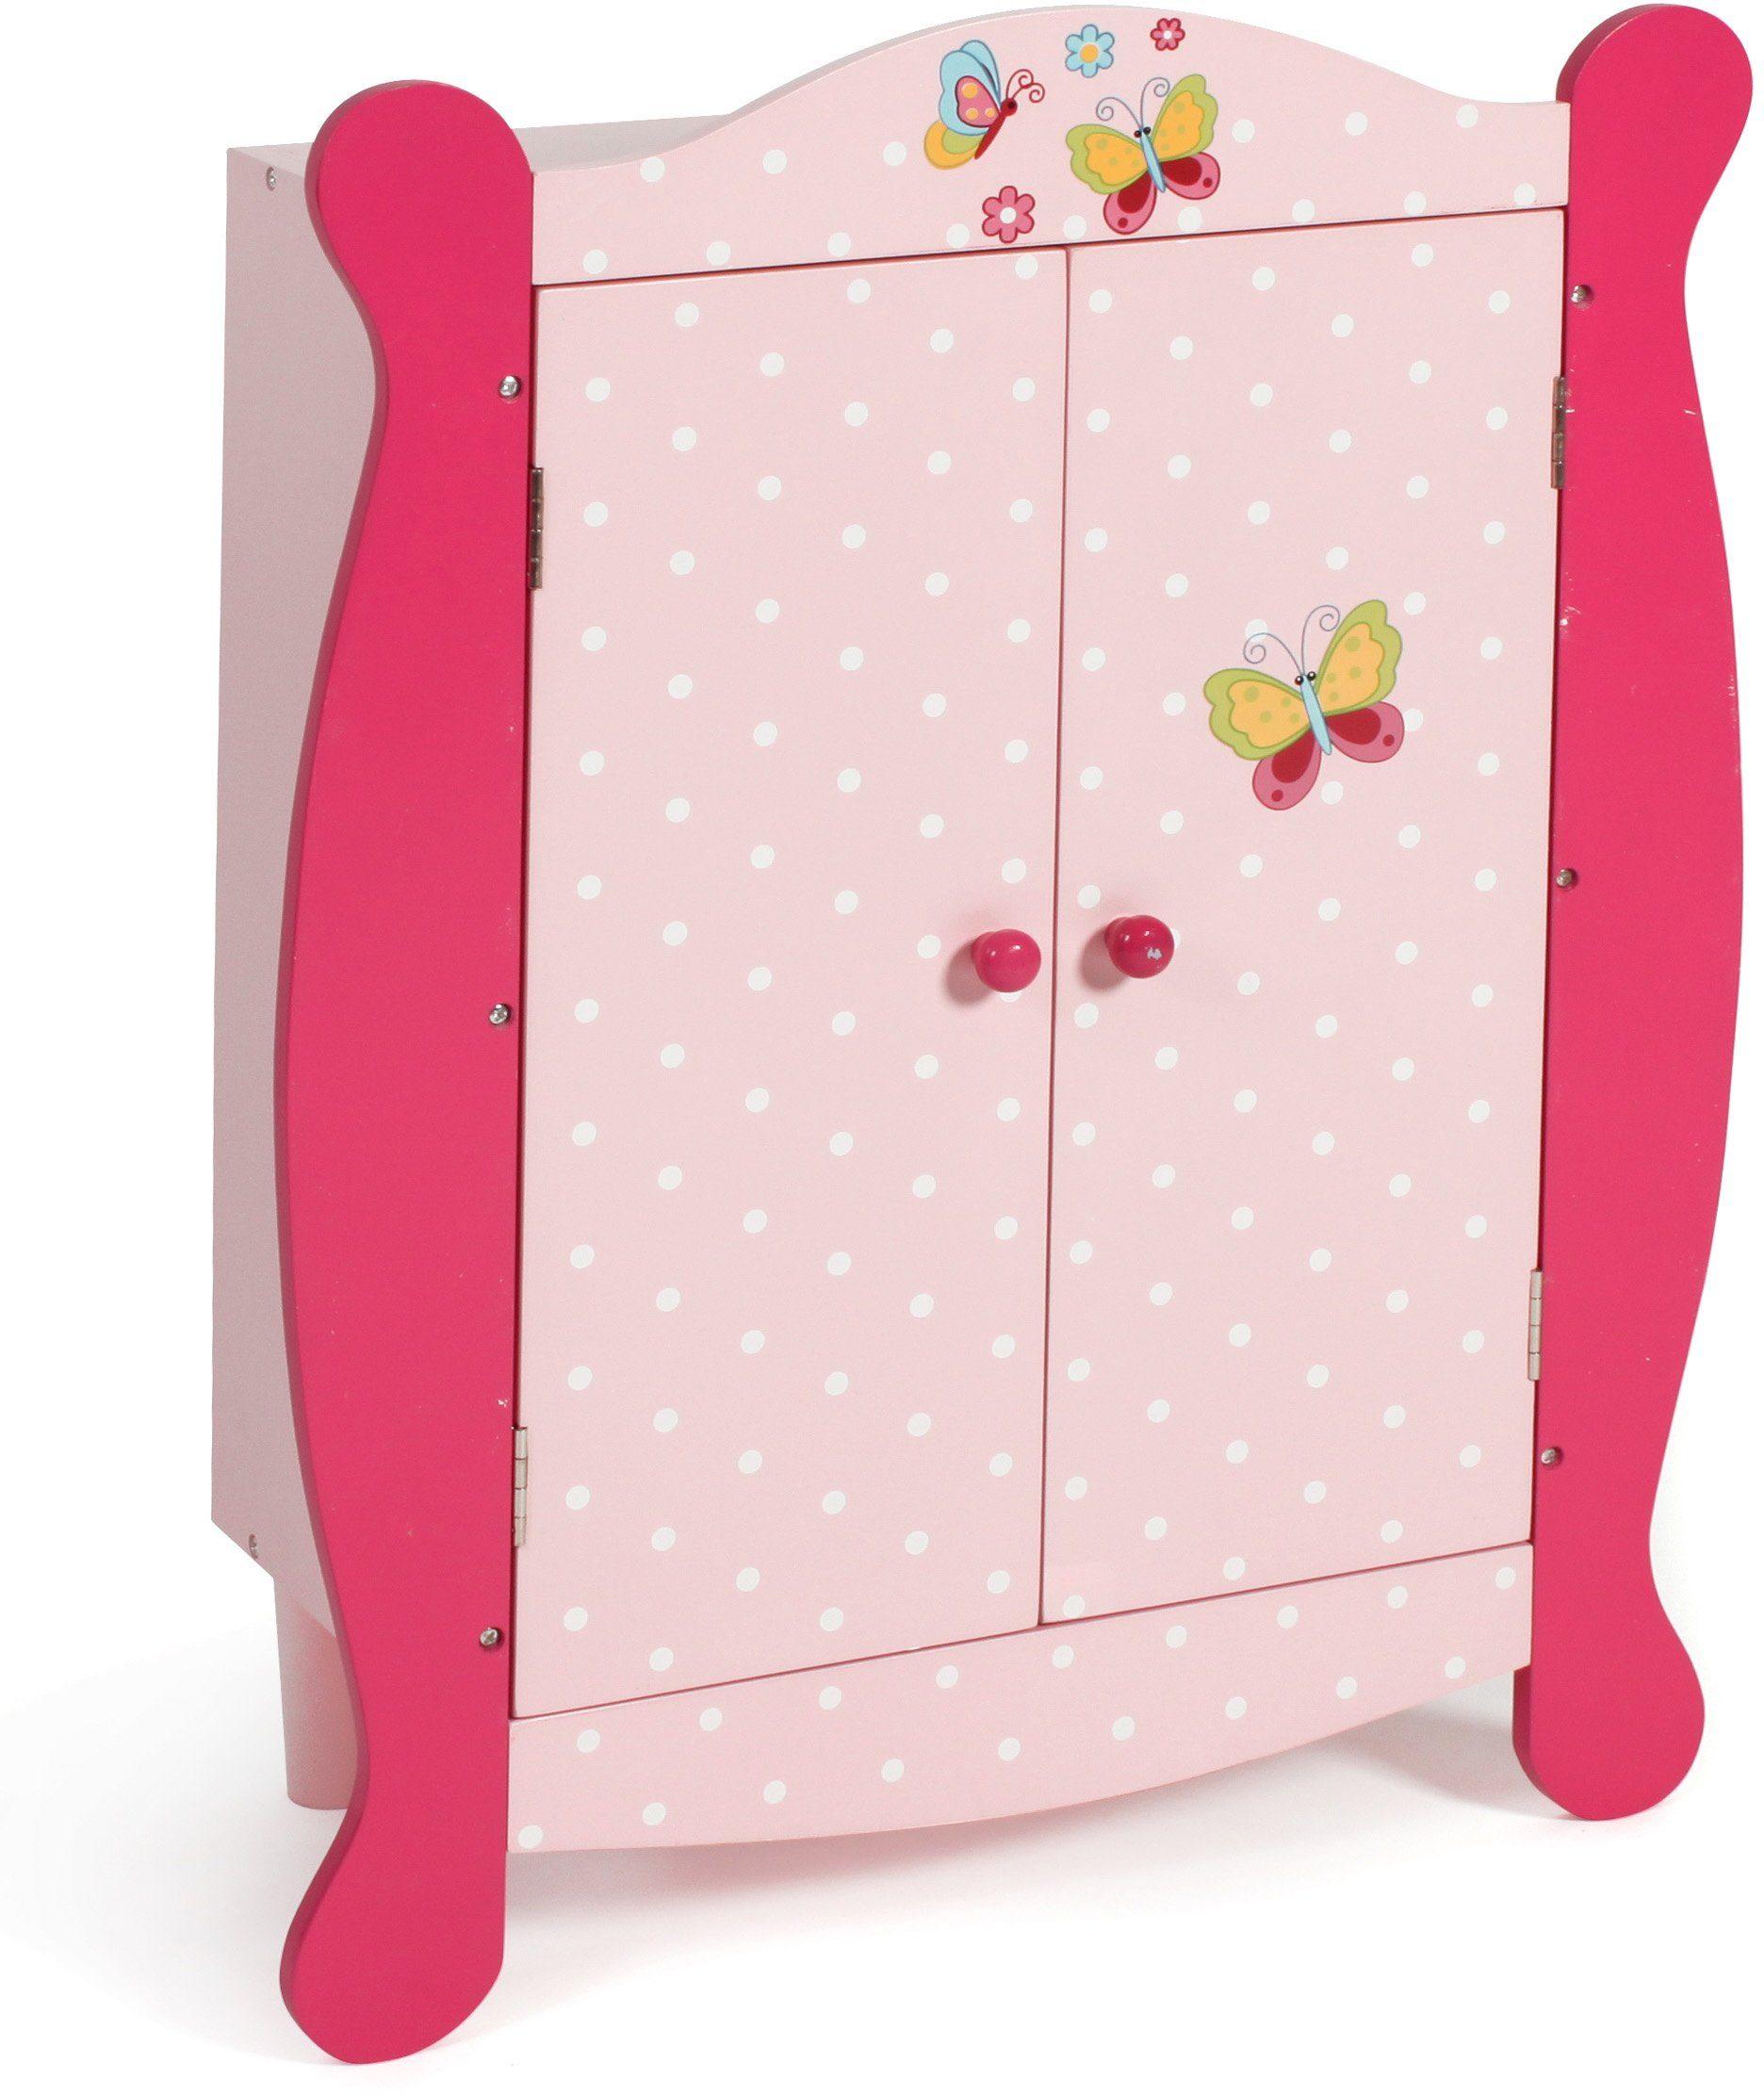 CHIC2000 Puppenschrank, »Papilio pink«